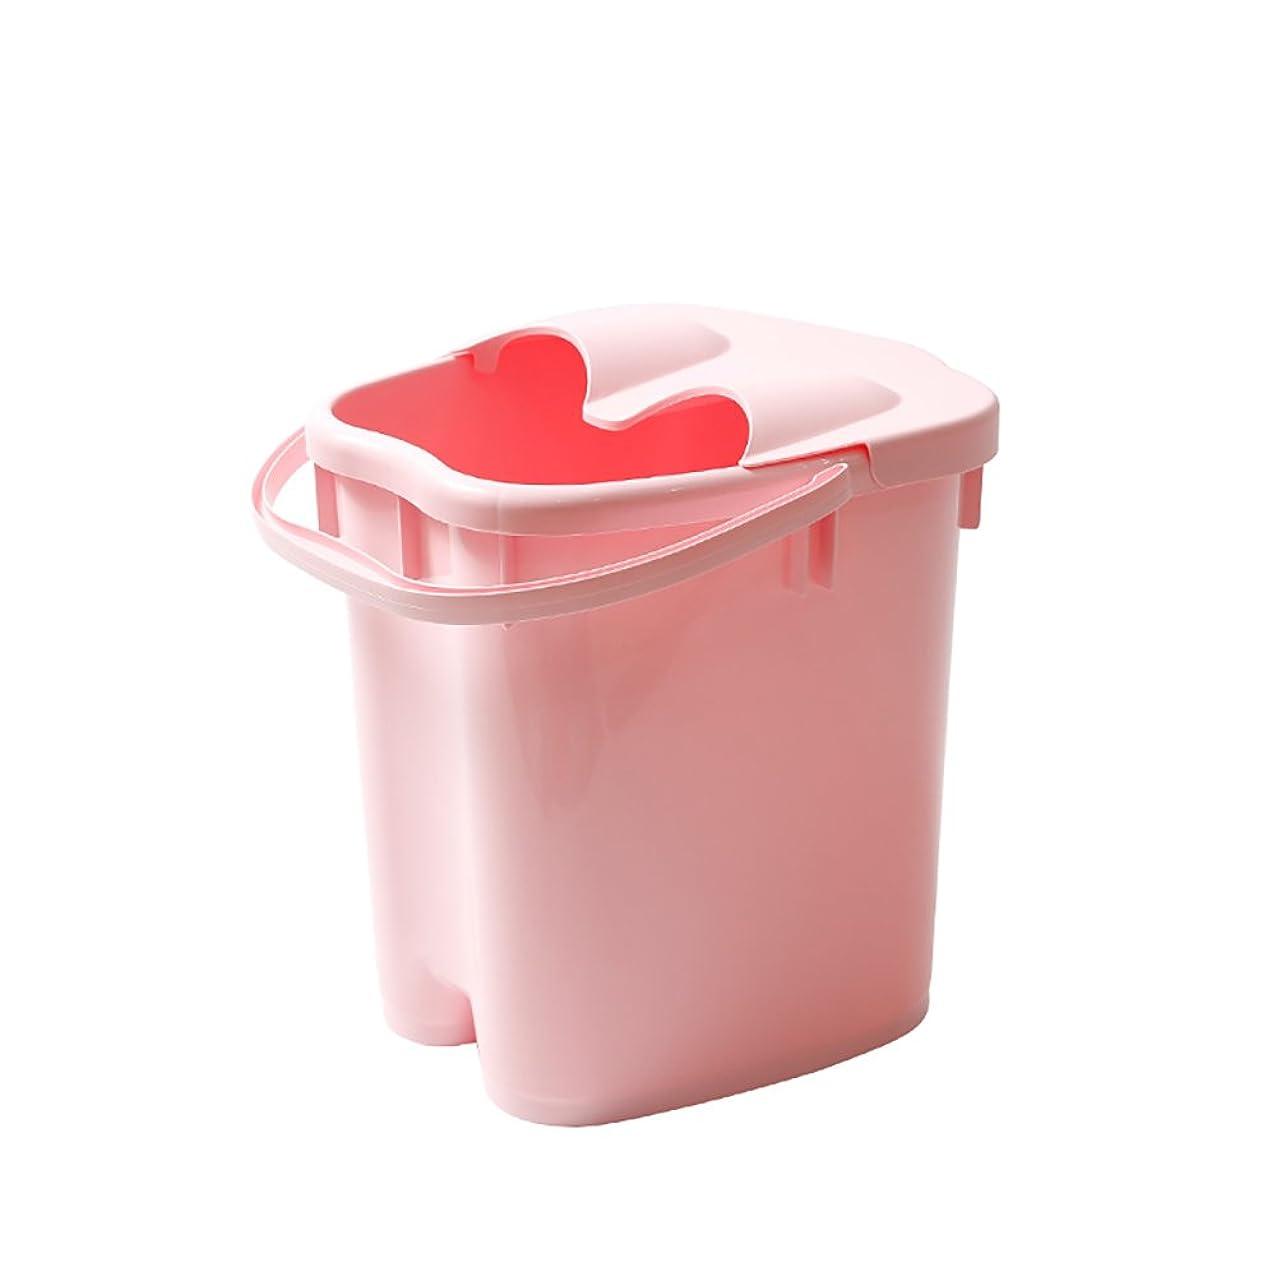 ペネロペ週間ほのめかすフットバスバレル厚いプラスチックマッサージフットバスは、家庭の足湯20Lの大容量高水レベルを高め22 * 30 * 40センチメートル (色 : Pink)